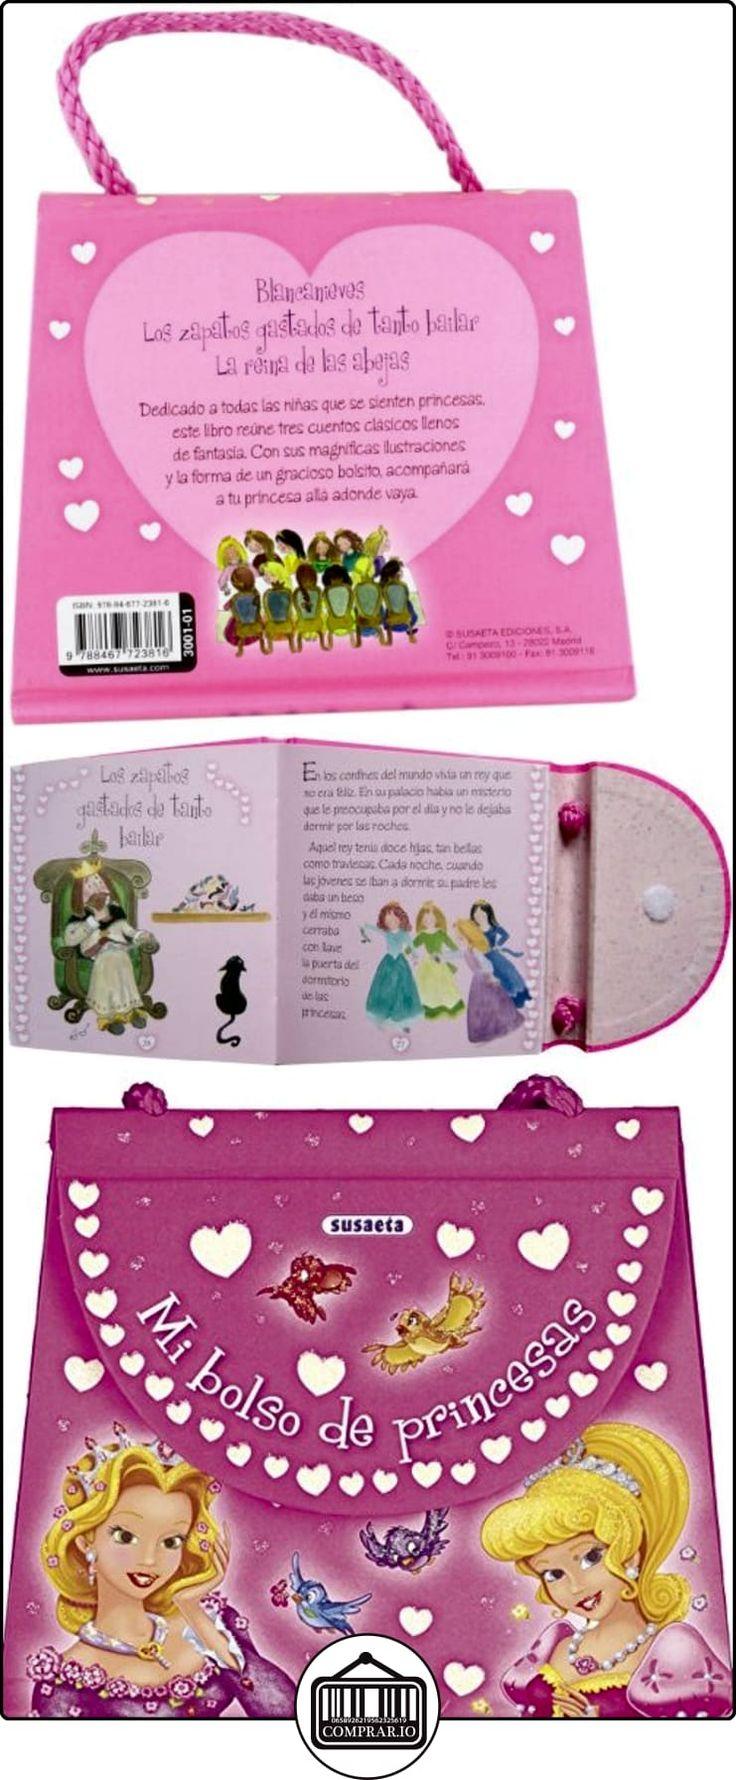 Mi bolso de princesas Susaeta Ediciones S A ✿ Libros infantiles y juveniles - (De 3 a 6 años) ✿